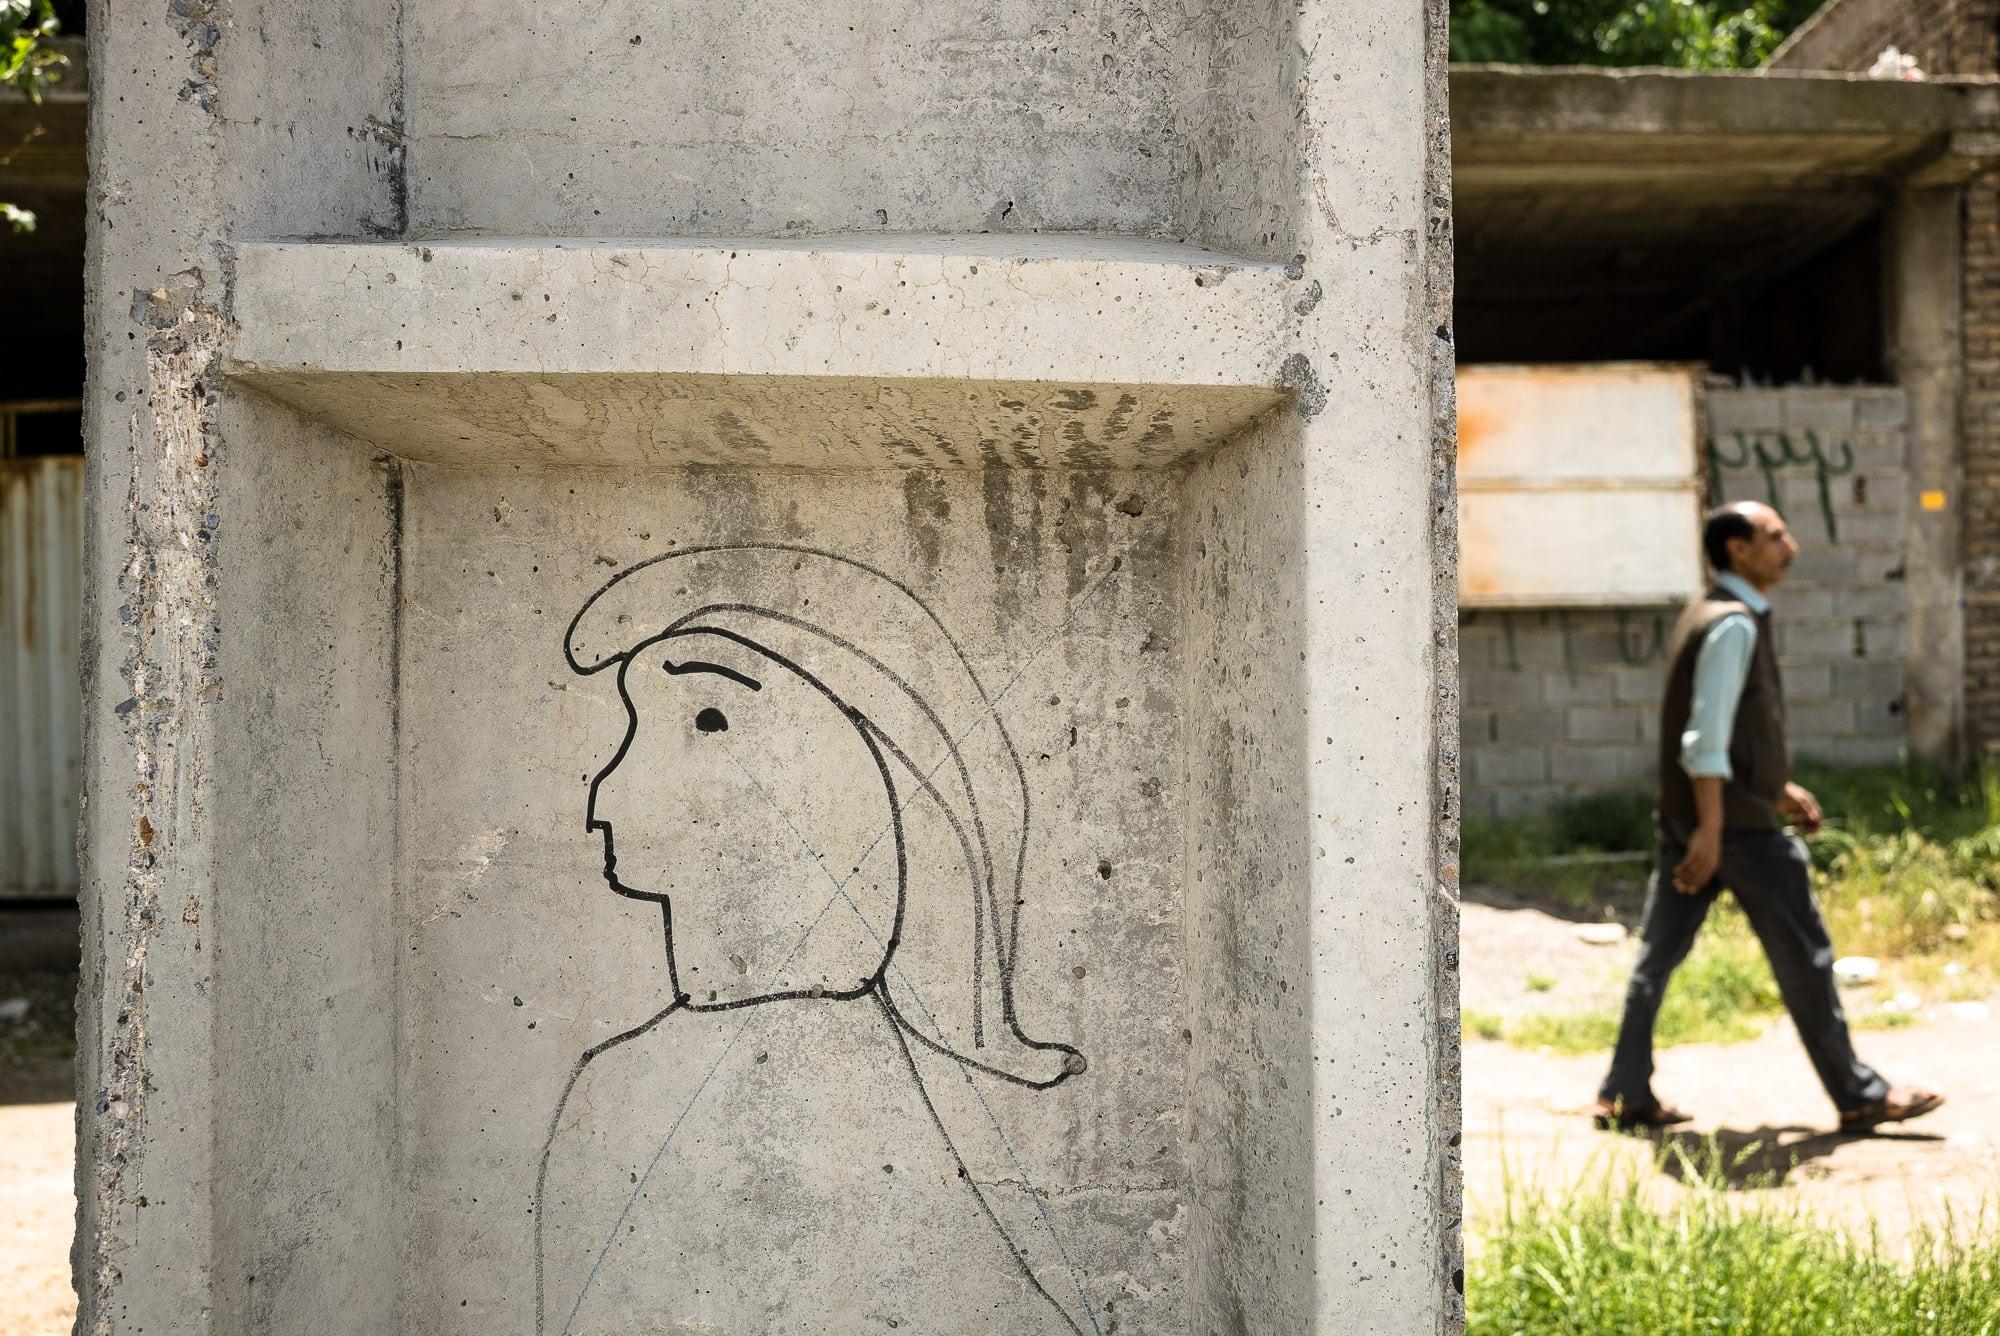 Trump graffito